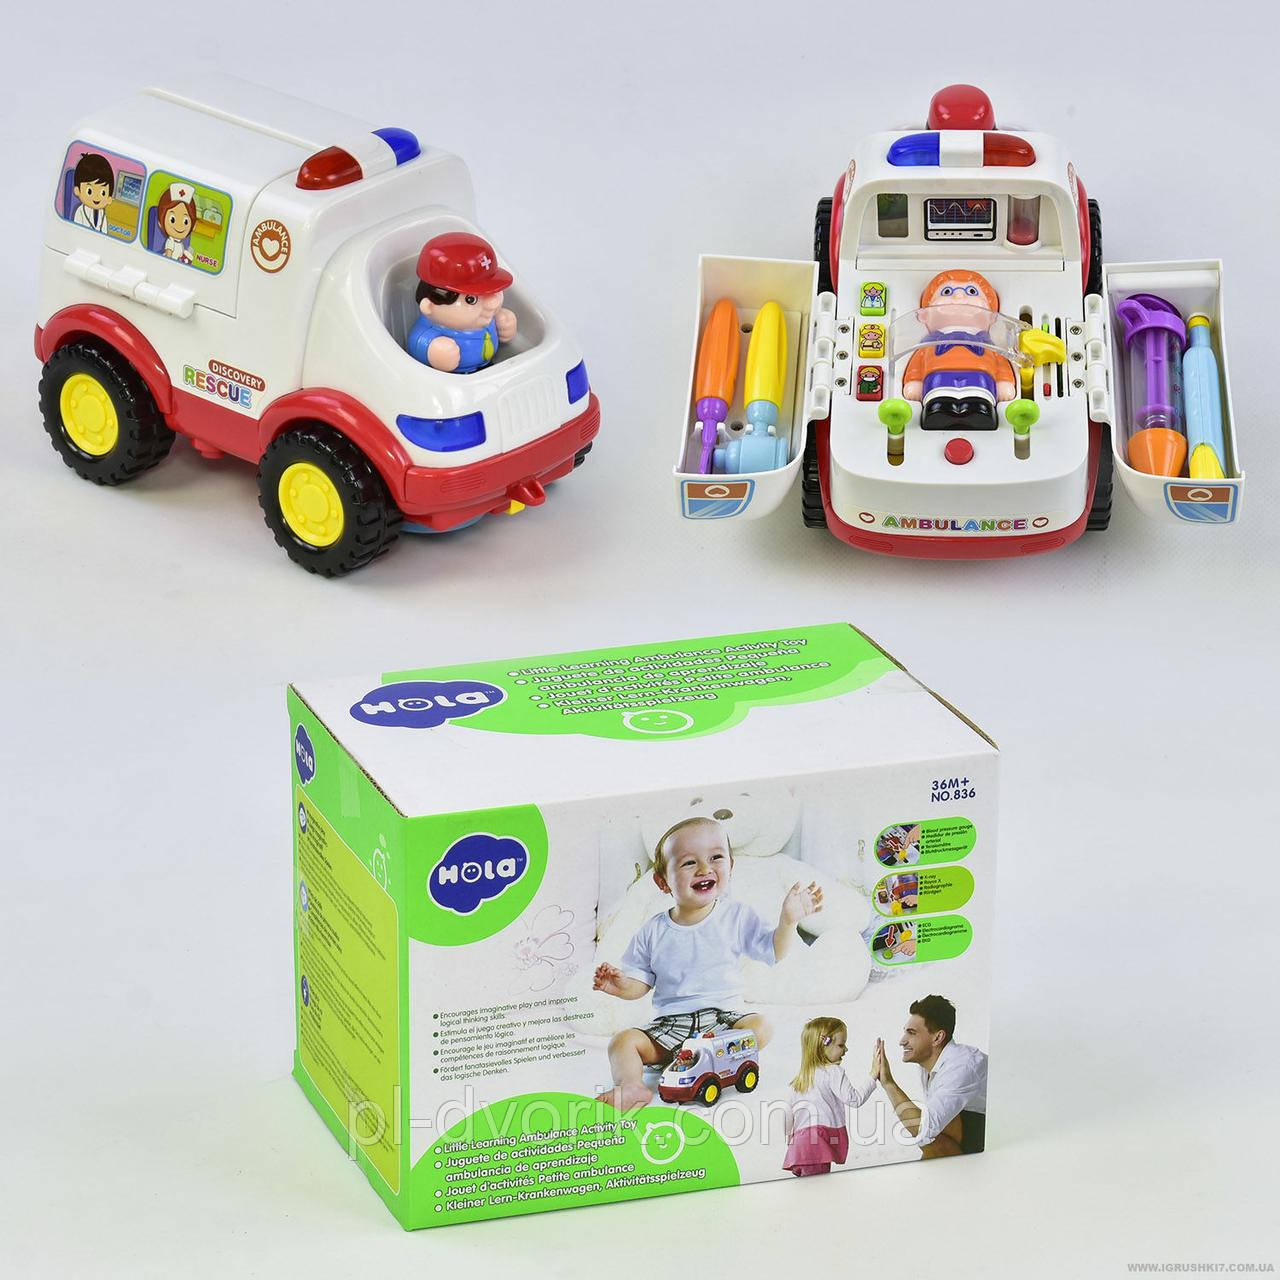 Розвиваюча іграшка Швидка допомога 836 (24) в коробці Довжина: 20 см Ширина: 12 см Висота: 11 см Упаковка: Коро